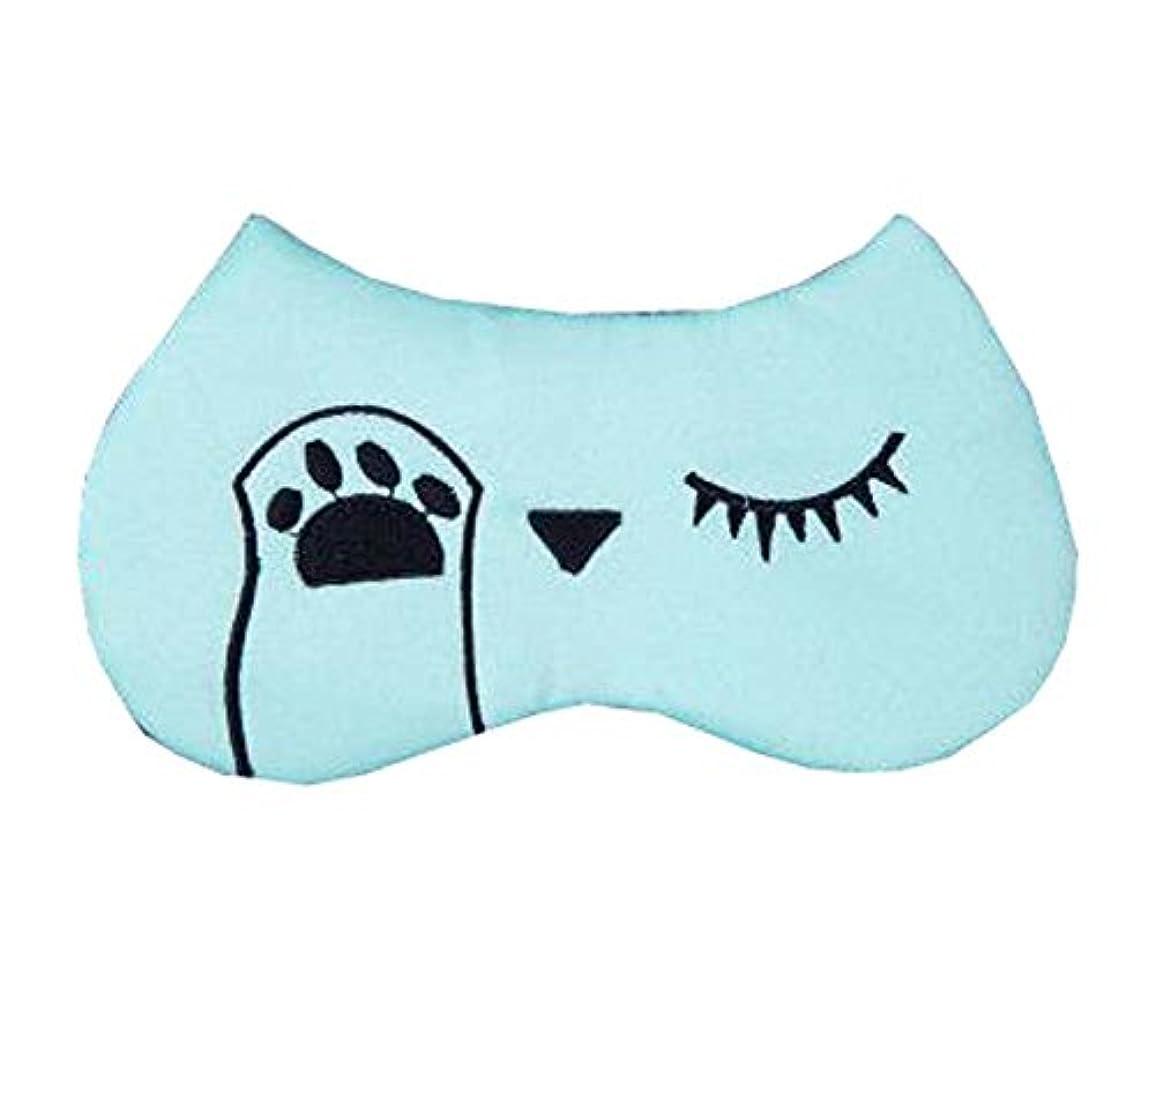 合併症必要とするもっと少なくおかしい目のパターンアイマスクトラベルアイマスク睡眠マスク、ブルー